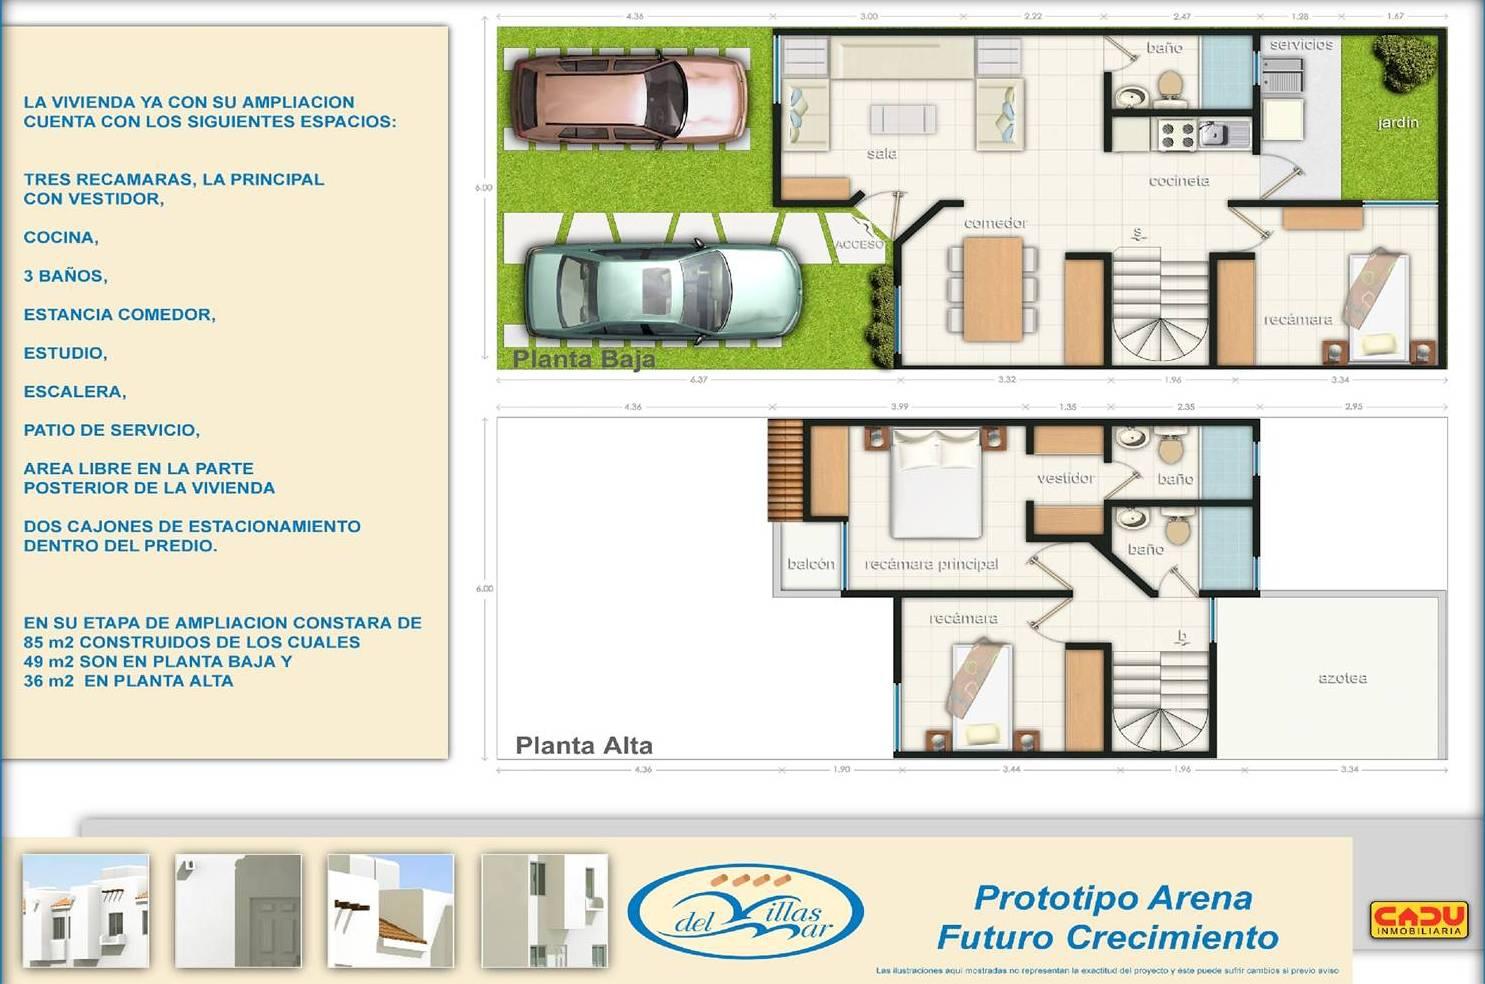 Villas del mar cancun asesor certificado for Villas kabah cancun ubicacion